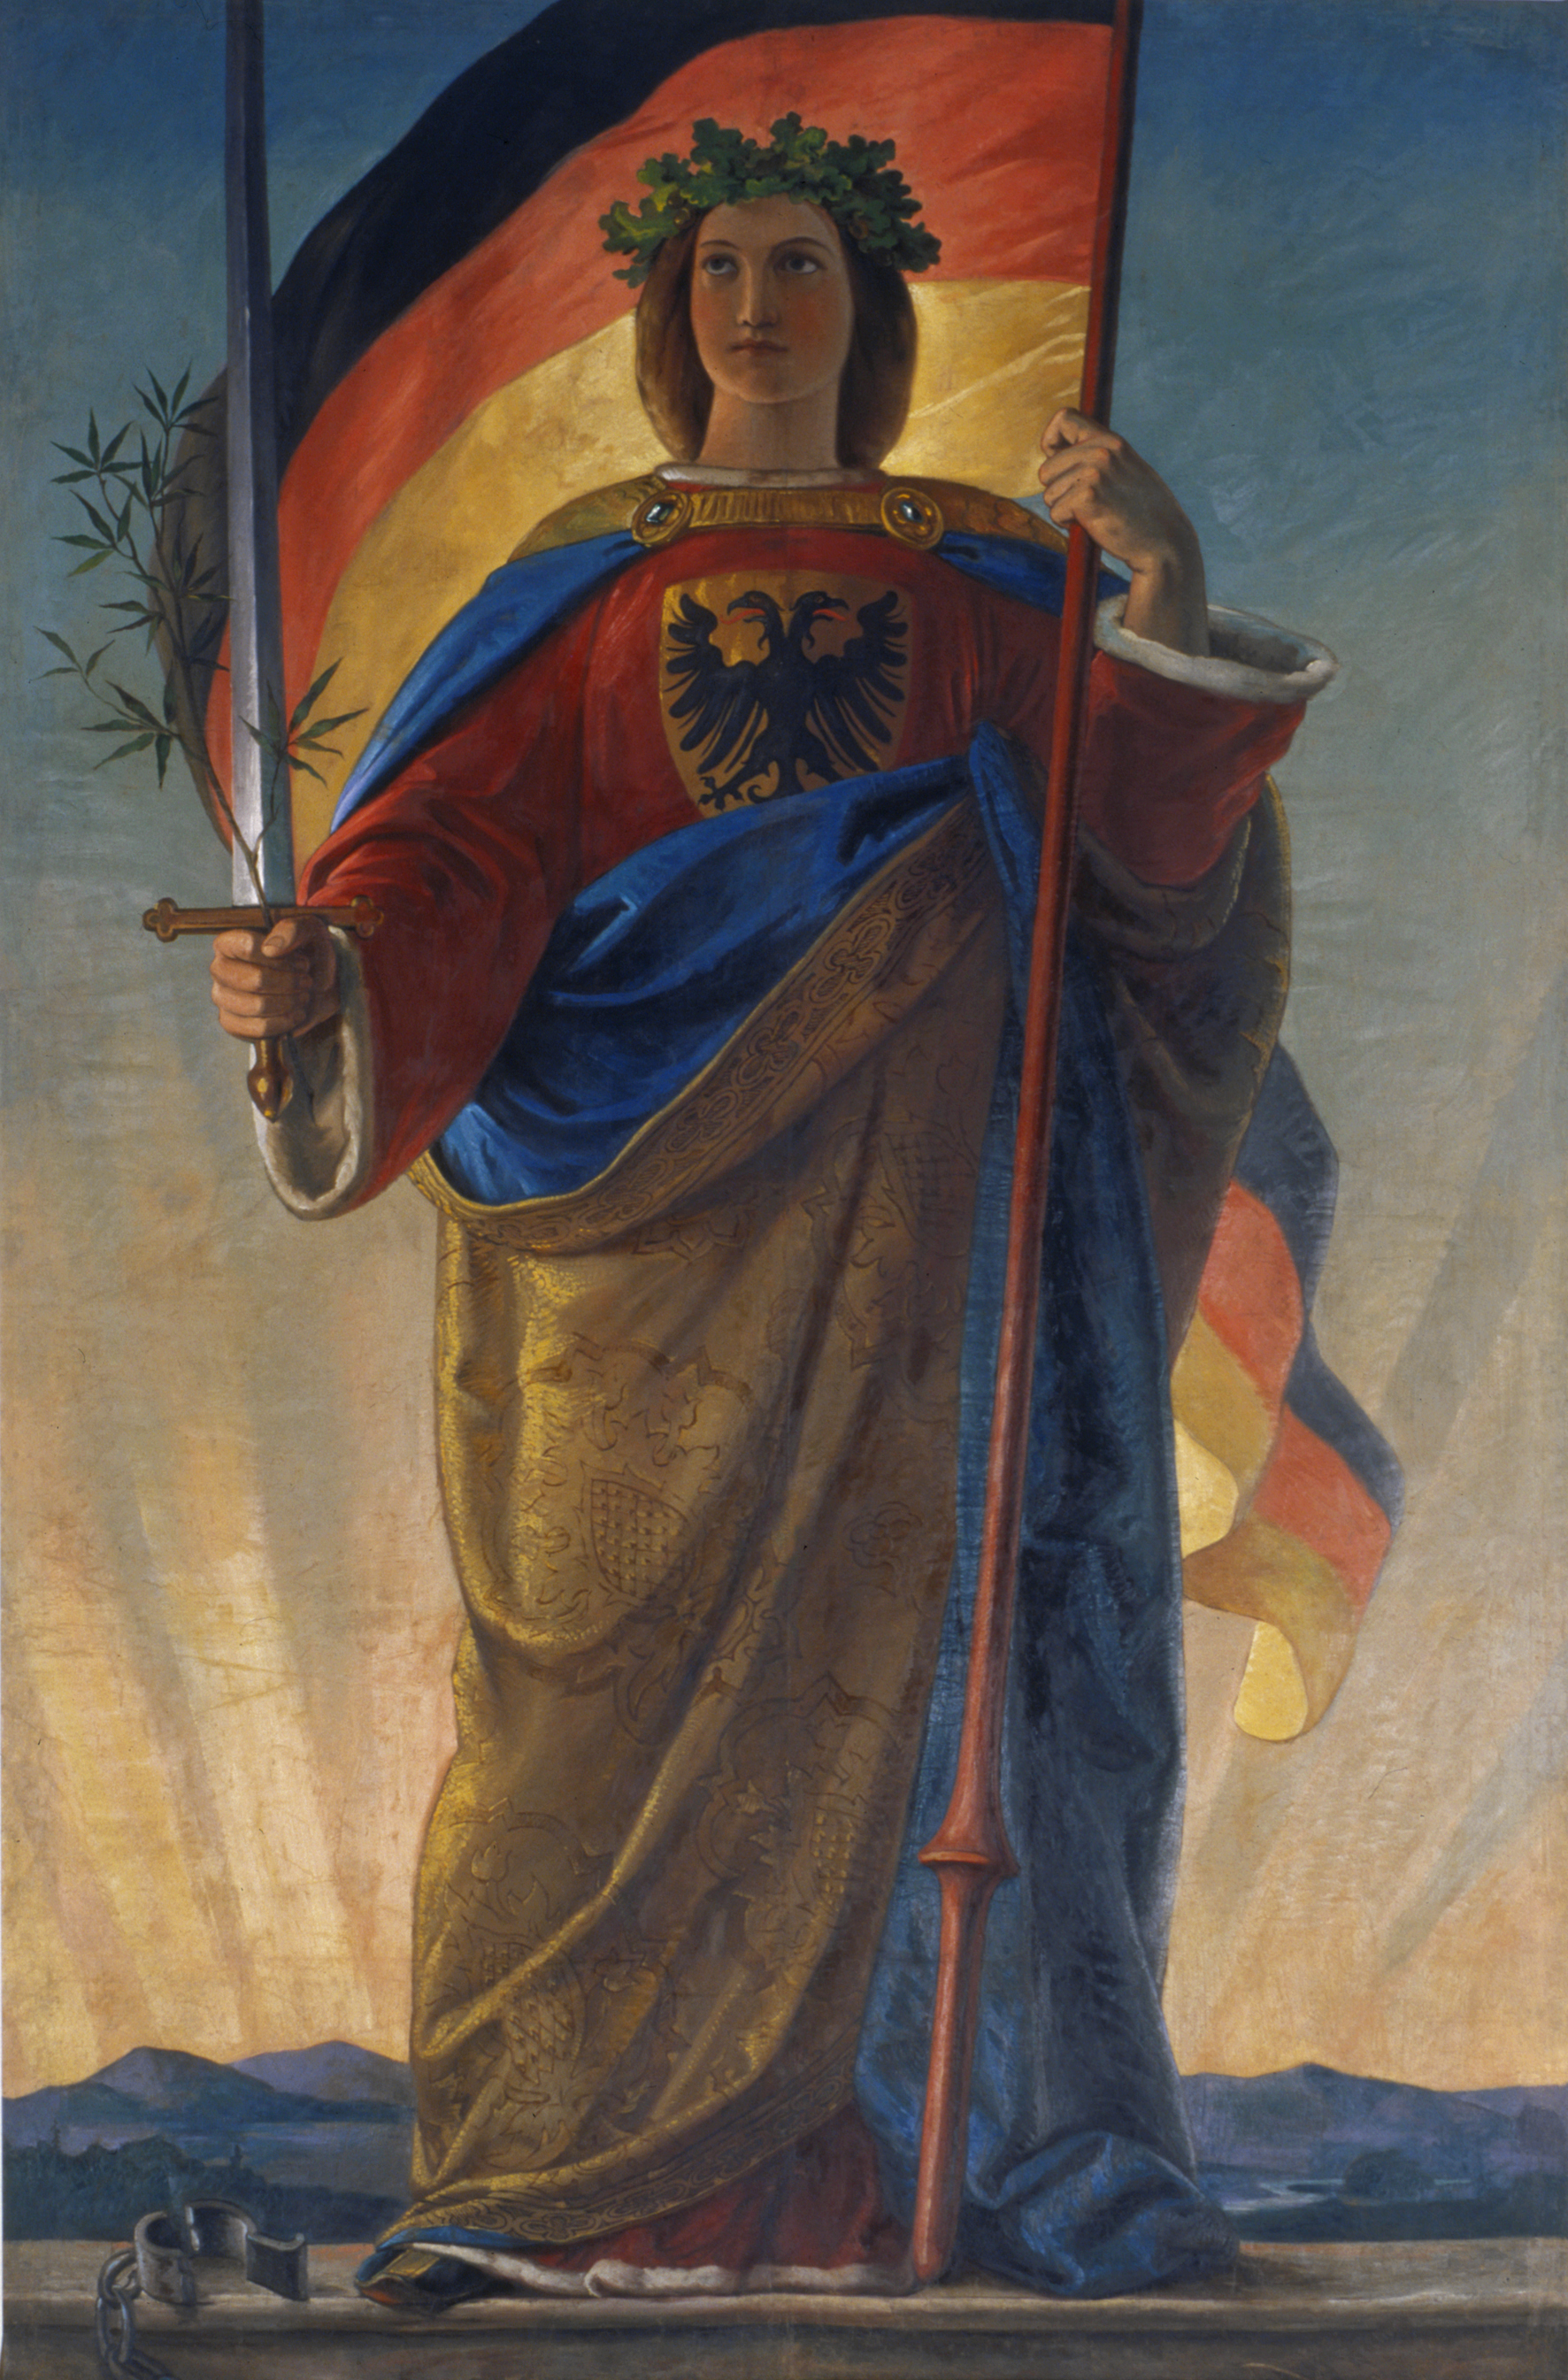 Das Gemälde Germania von Philipp Veit schmückte 1848 die Frankfurter Paulskirche, wo es anstelle der Orgel platziert wurde.